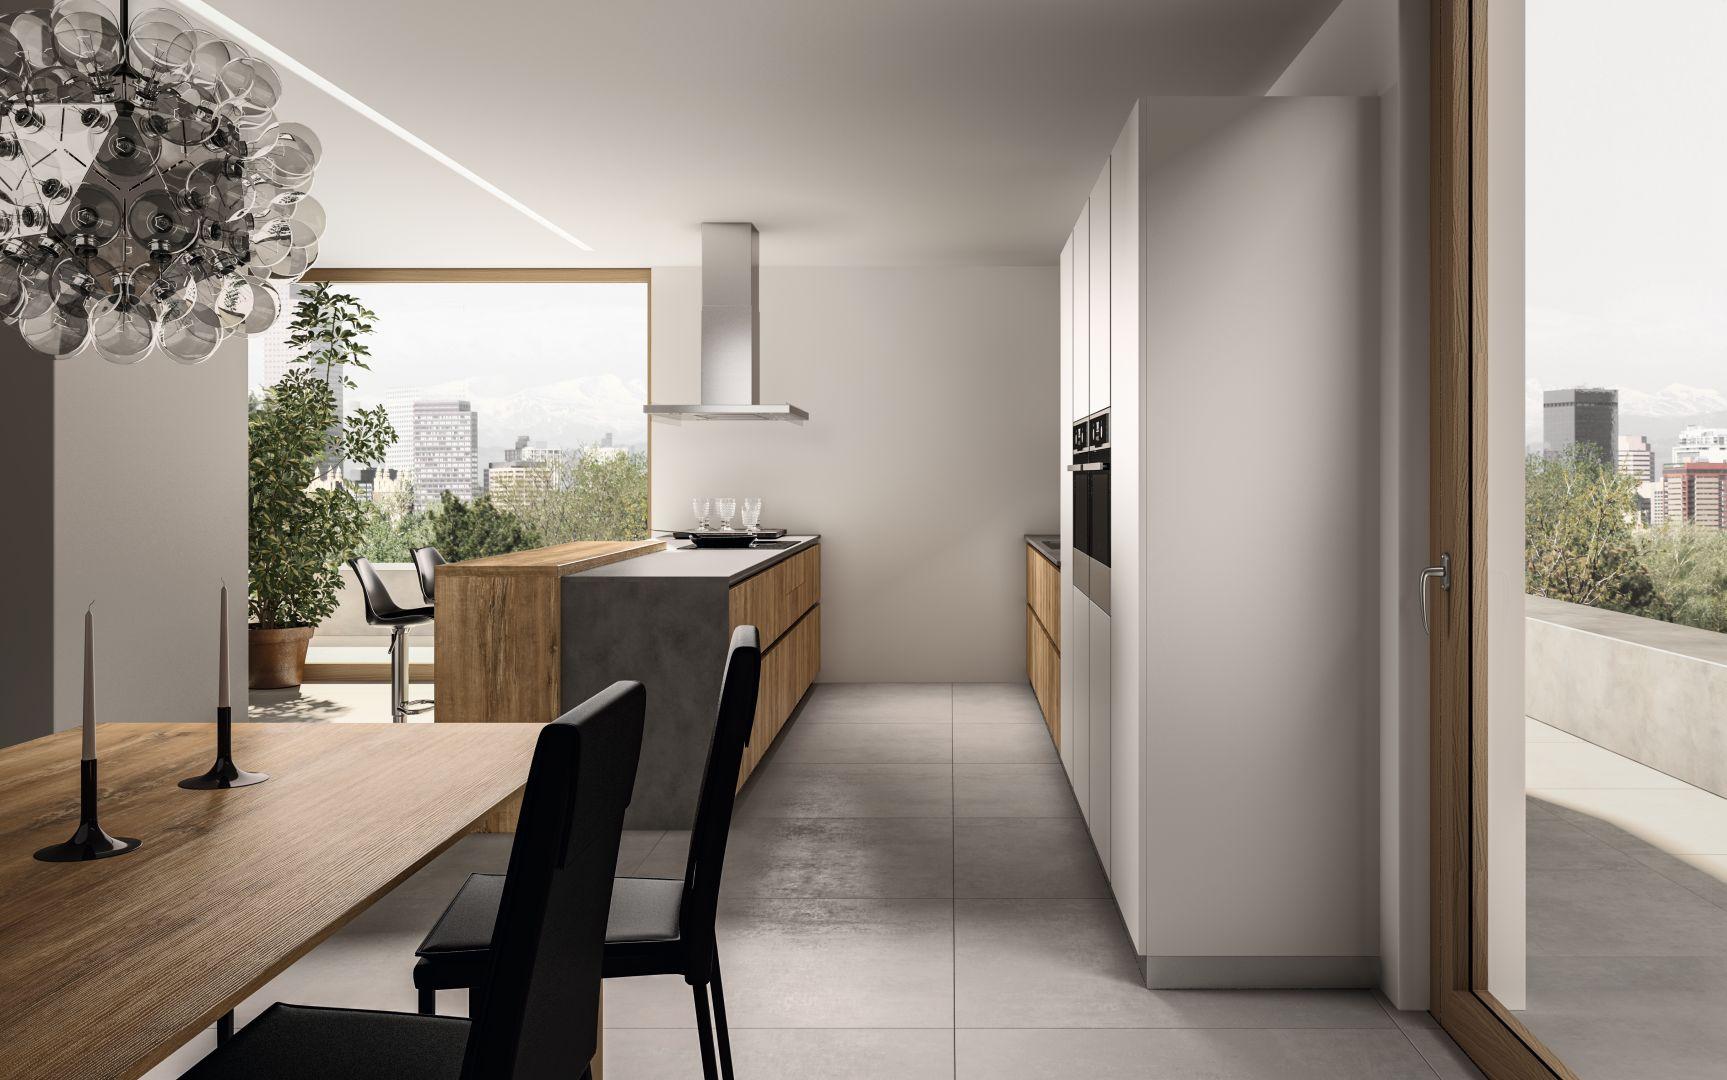 Κουζινα βακελίτη HPL σε υφή ξύλου και λευκή λάκα ματ ral 9003